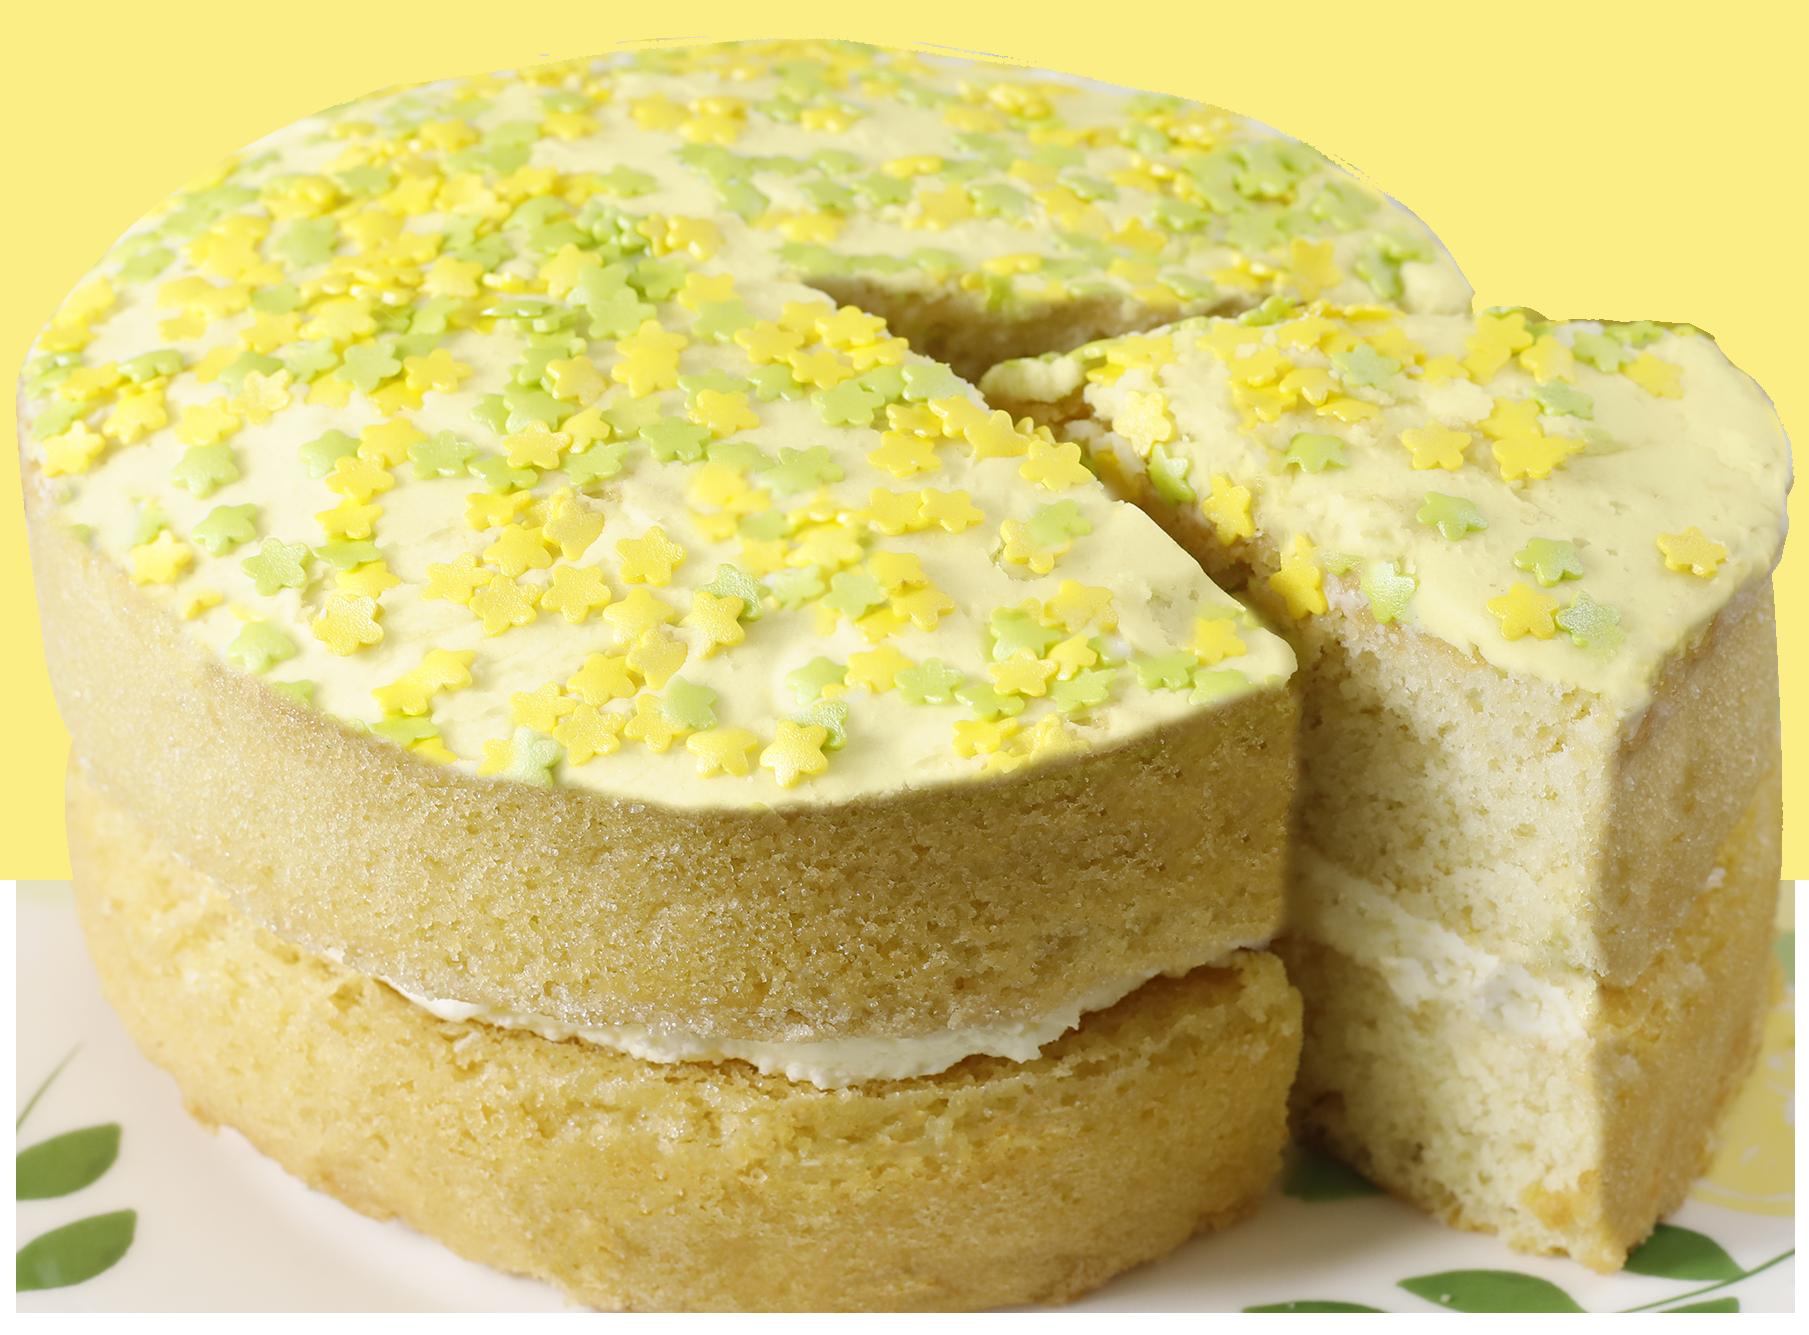 Gluten Free Lemon & Elderflower Cake Cutout